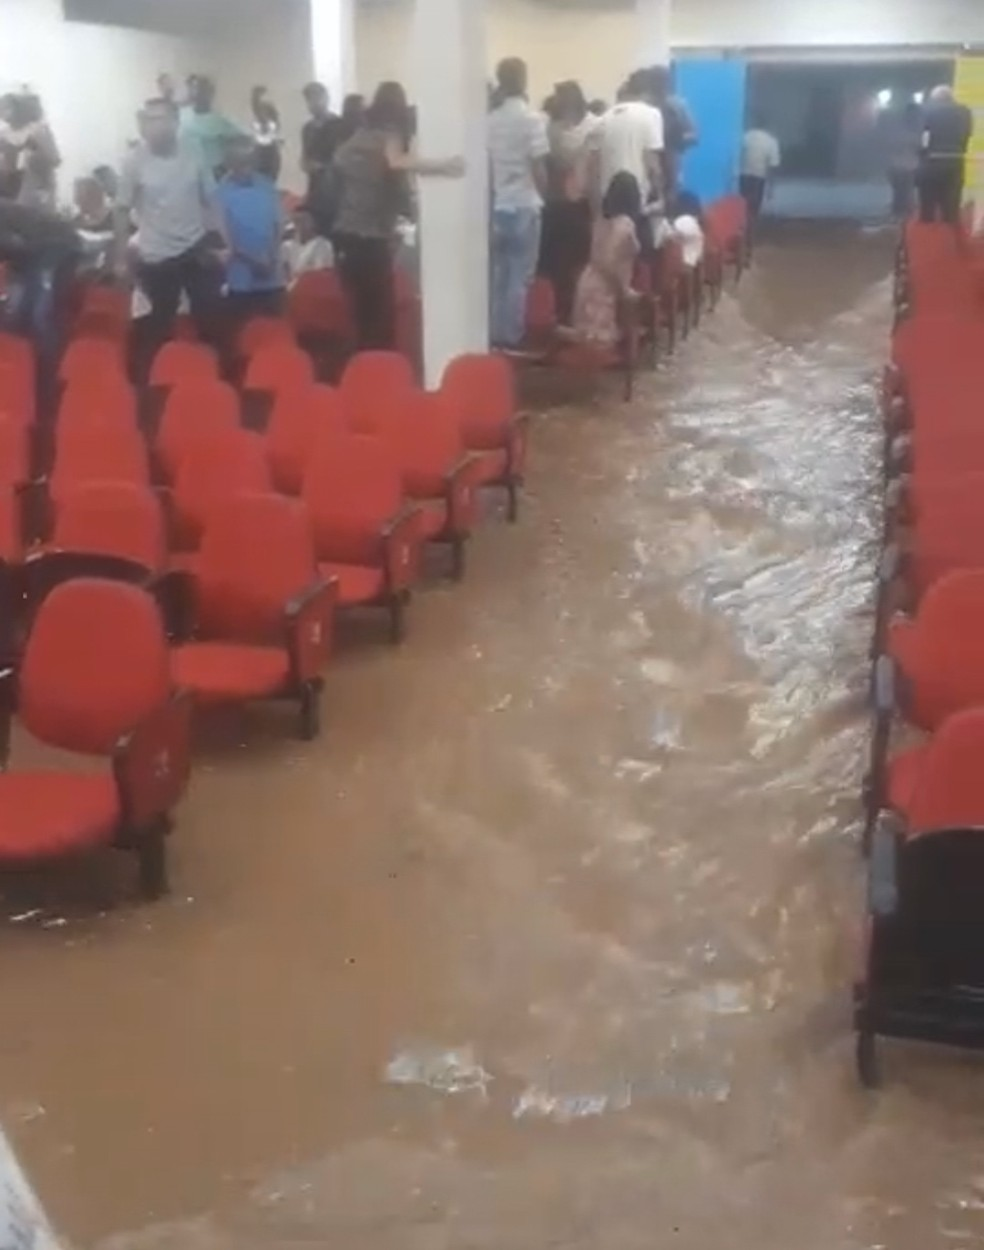 Igreja é alagada na Região do Barreiro, durante temporal em BH — Foto: Reprodução/Redes sociais